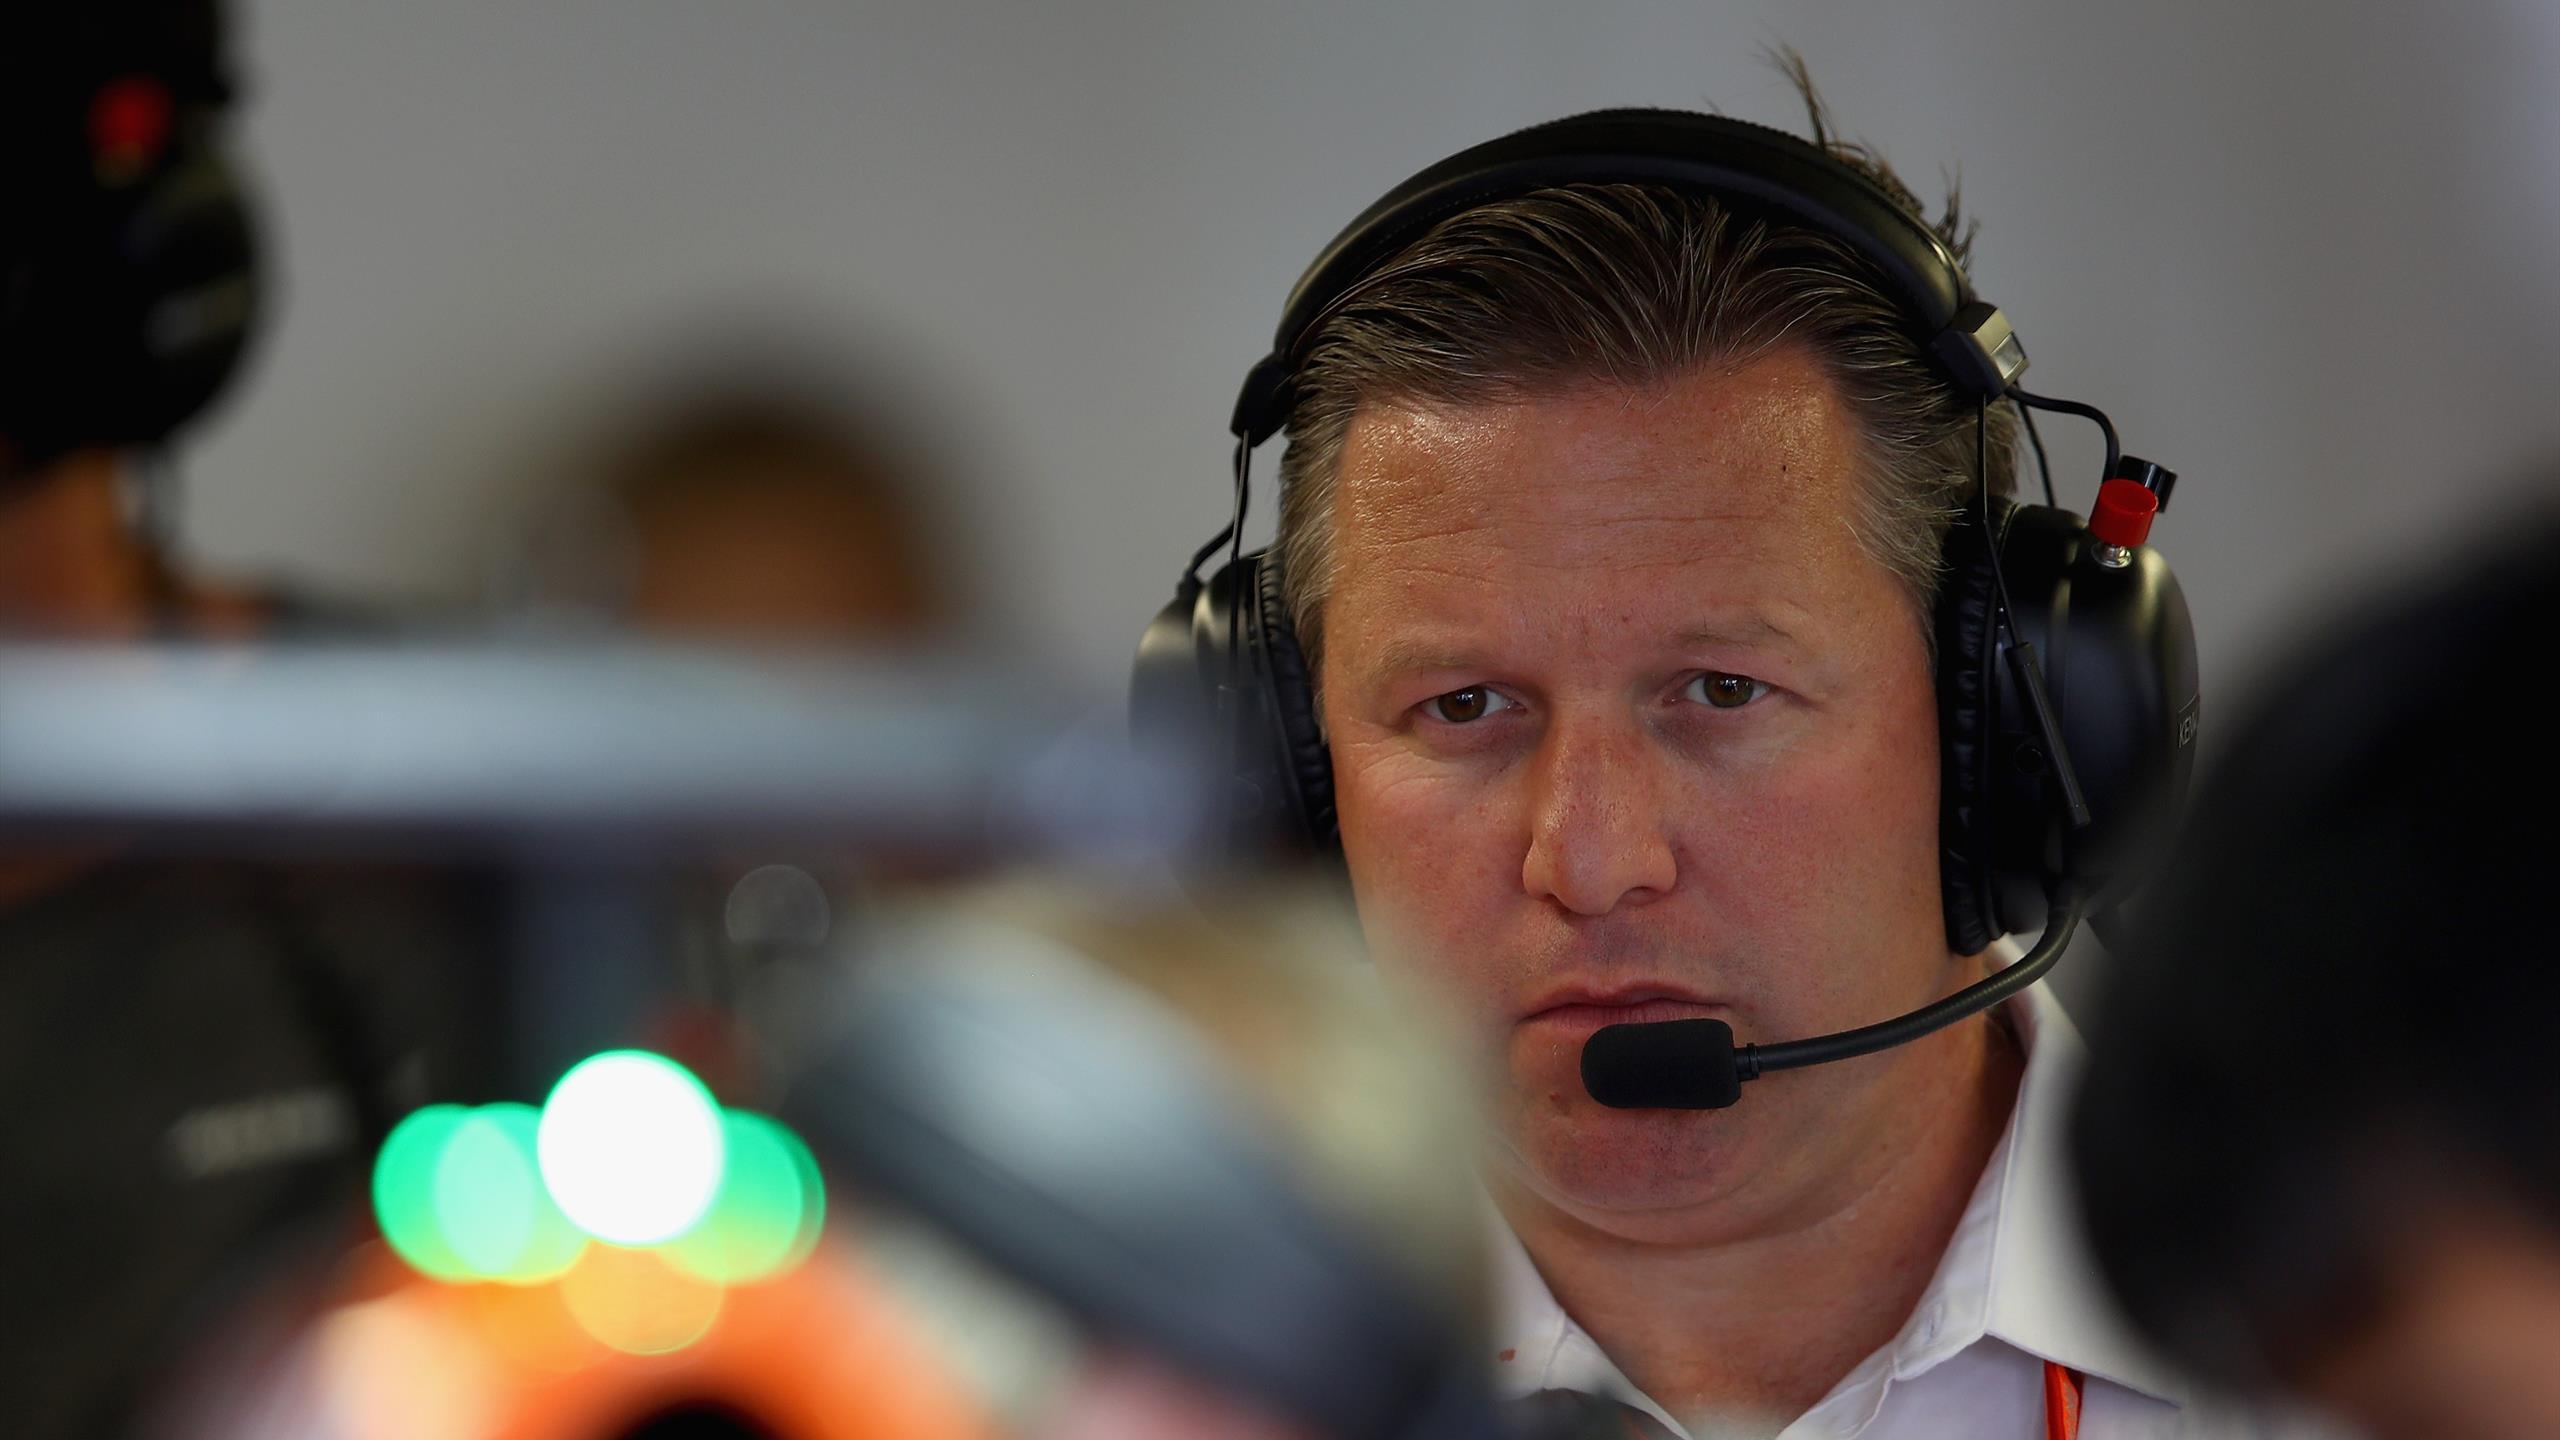 Trois tests positifs au Covid-19 chez McLaren dont Brown